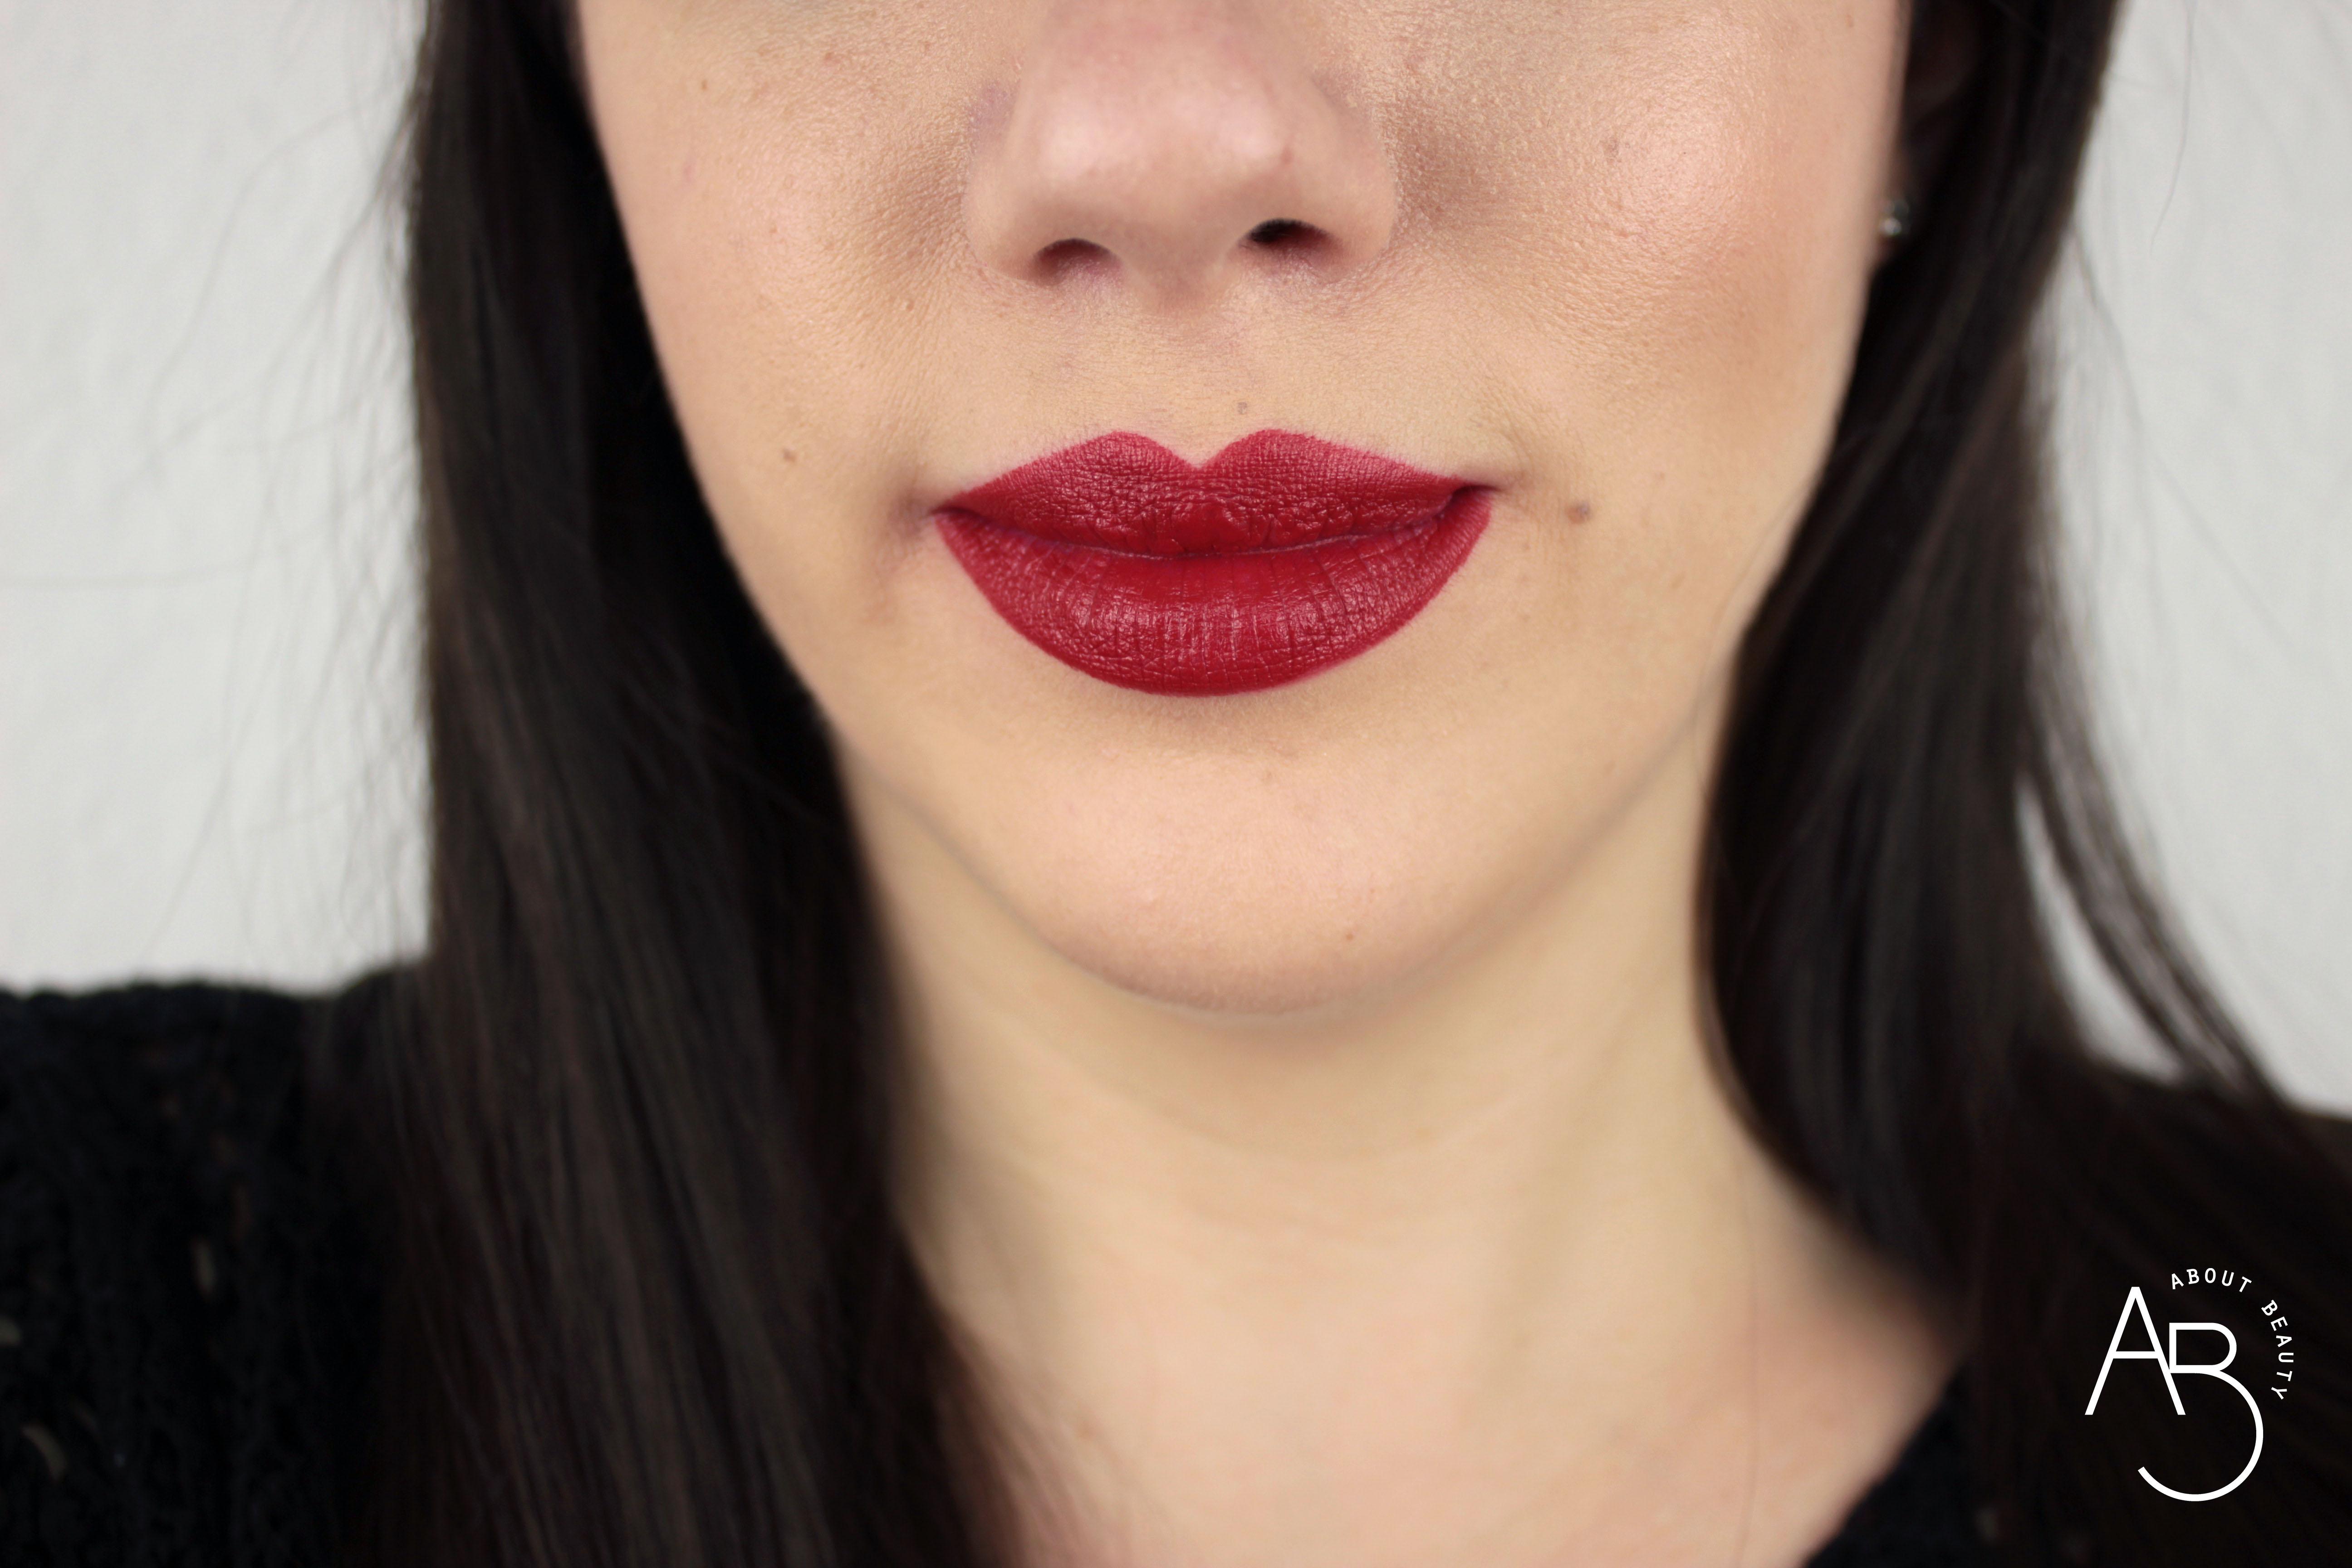 Nuovi rossetti Neve Cosmetics Dessert a Levres 2018: info, foto, swatch, prezzo, data di uscita, dove acquistare, recensione, review - Swatch su labbra di Cherry Pie